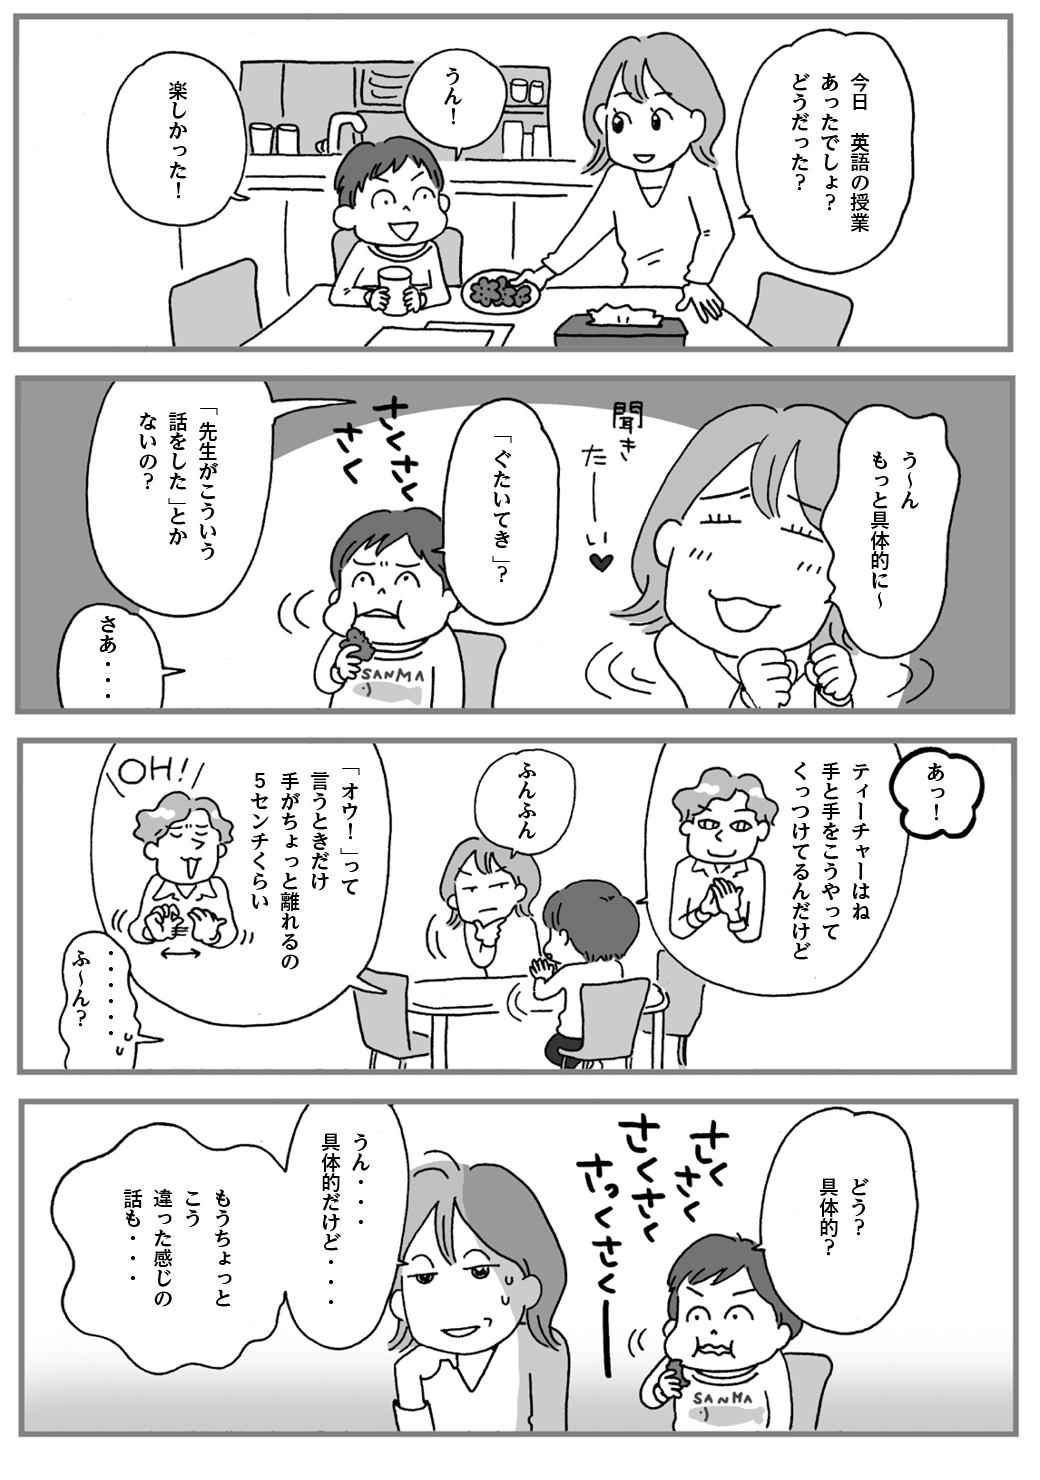 2018-02-学習指導要領マンガ-006.png